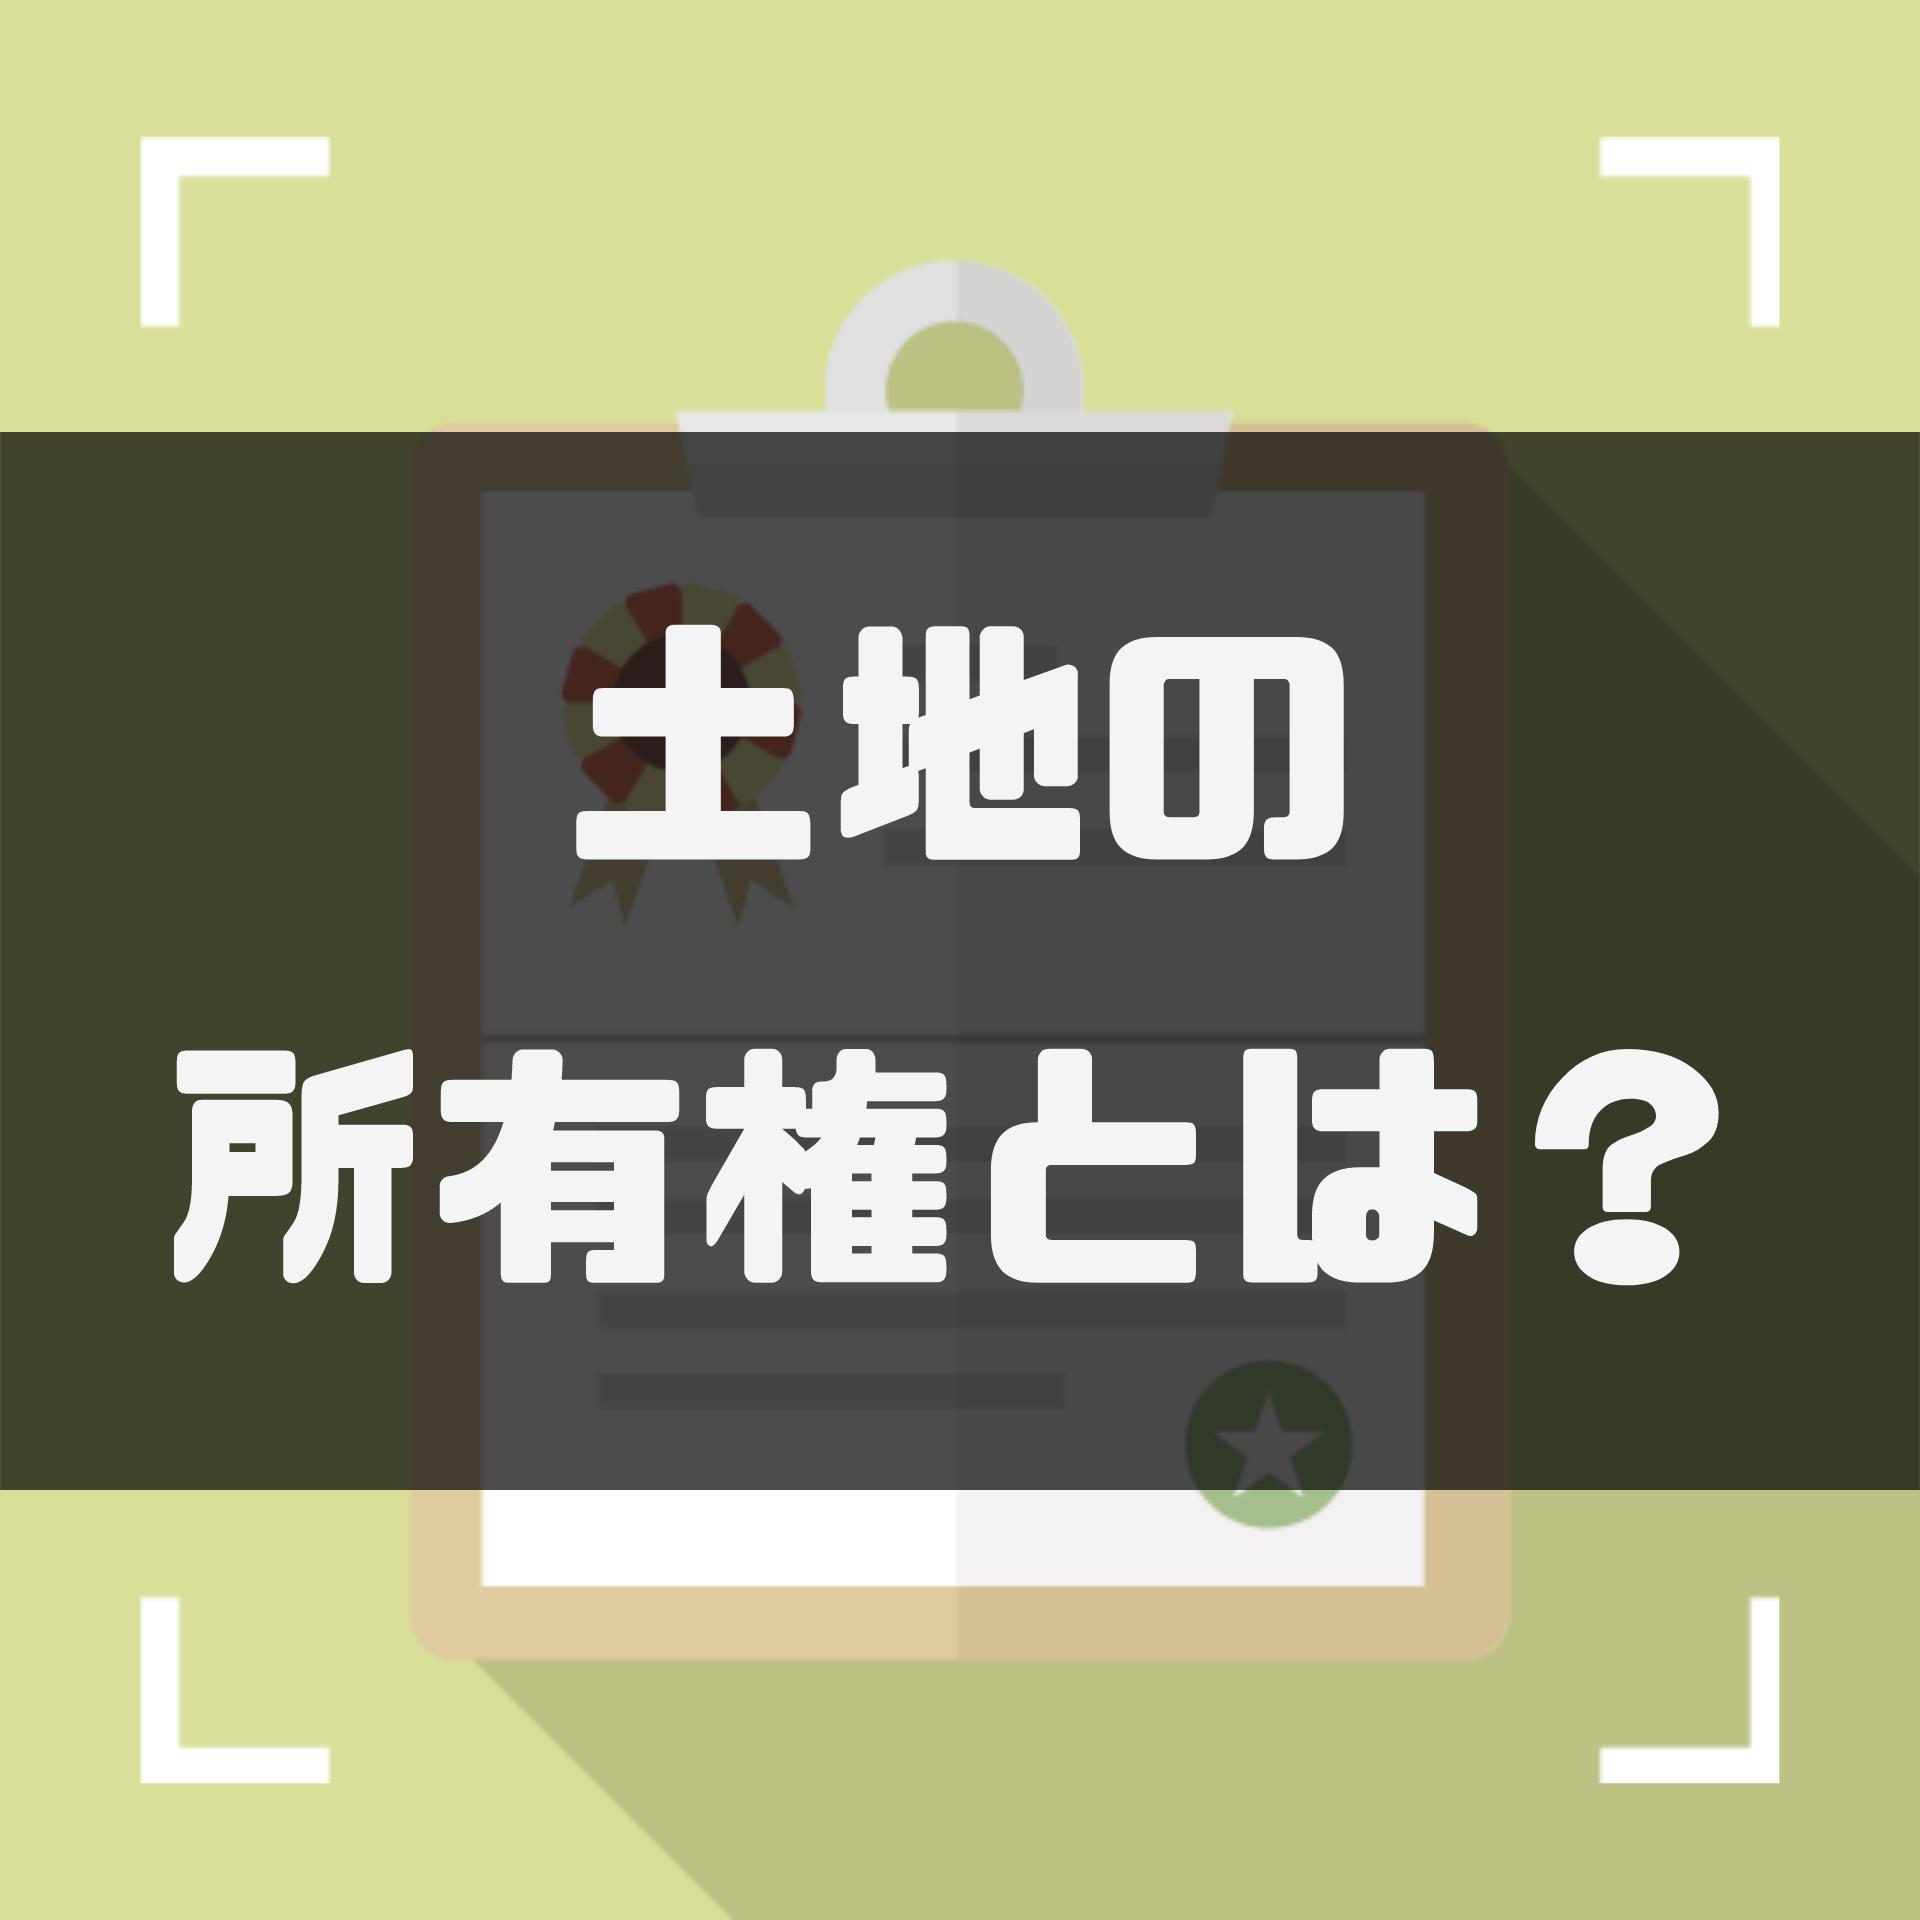 【土地の所有権とは?】借地権との違いや不動産登記について